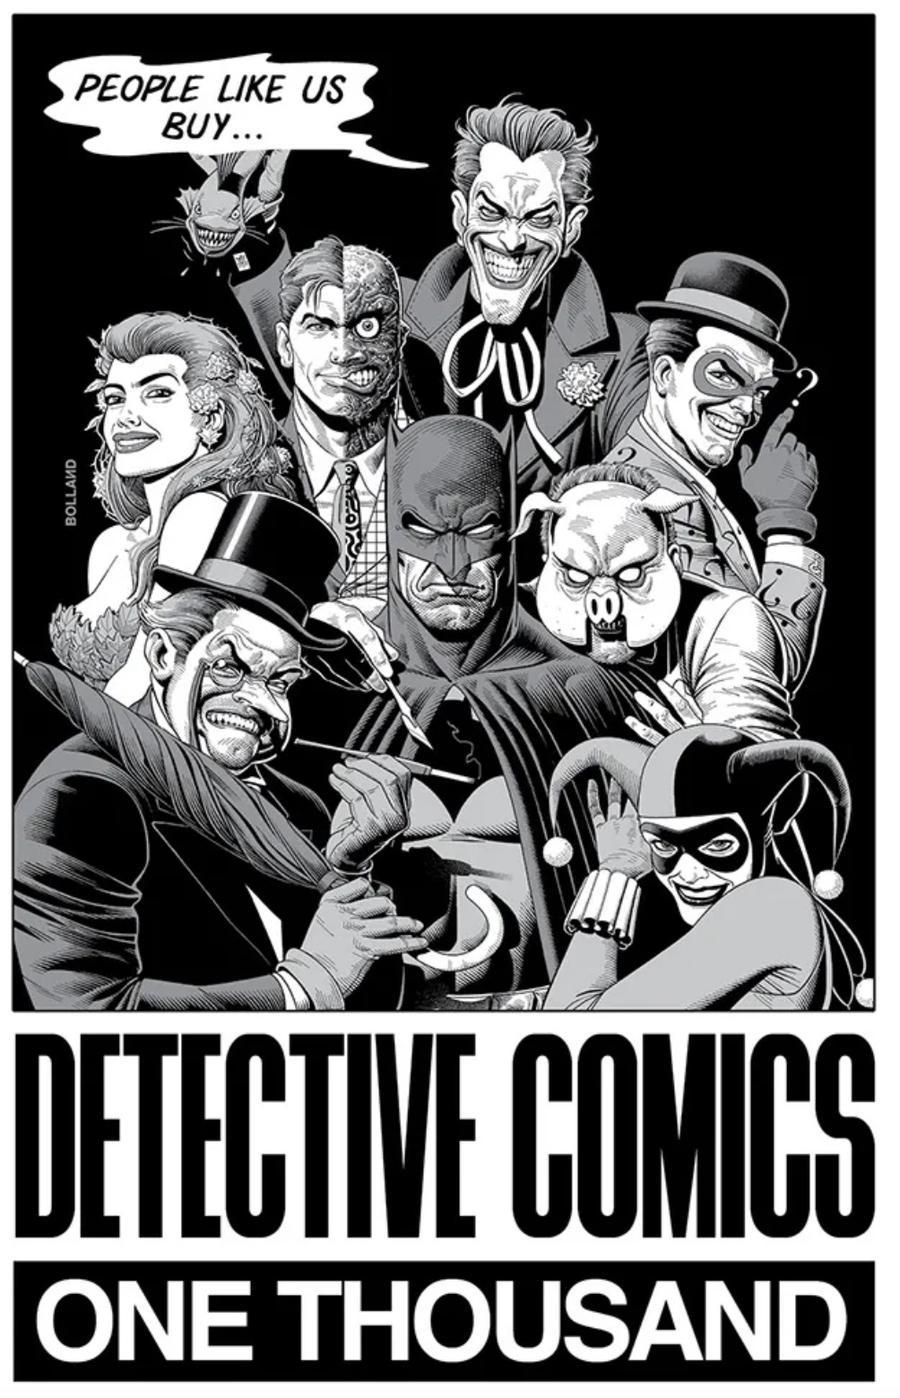 Detective Comics Vol 2 #1000 Cover Z-S DF Jetpack Comics Forbidden Planet Exclusive Brian Bolland Ink Variant Cover